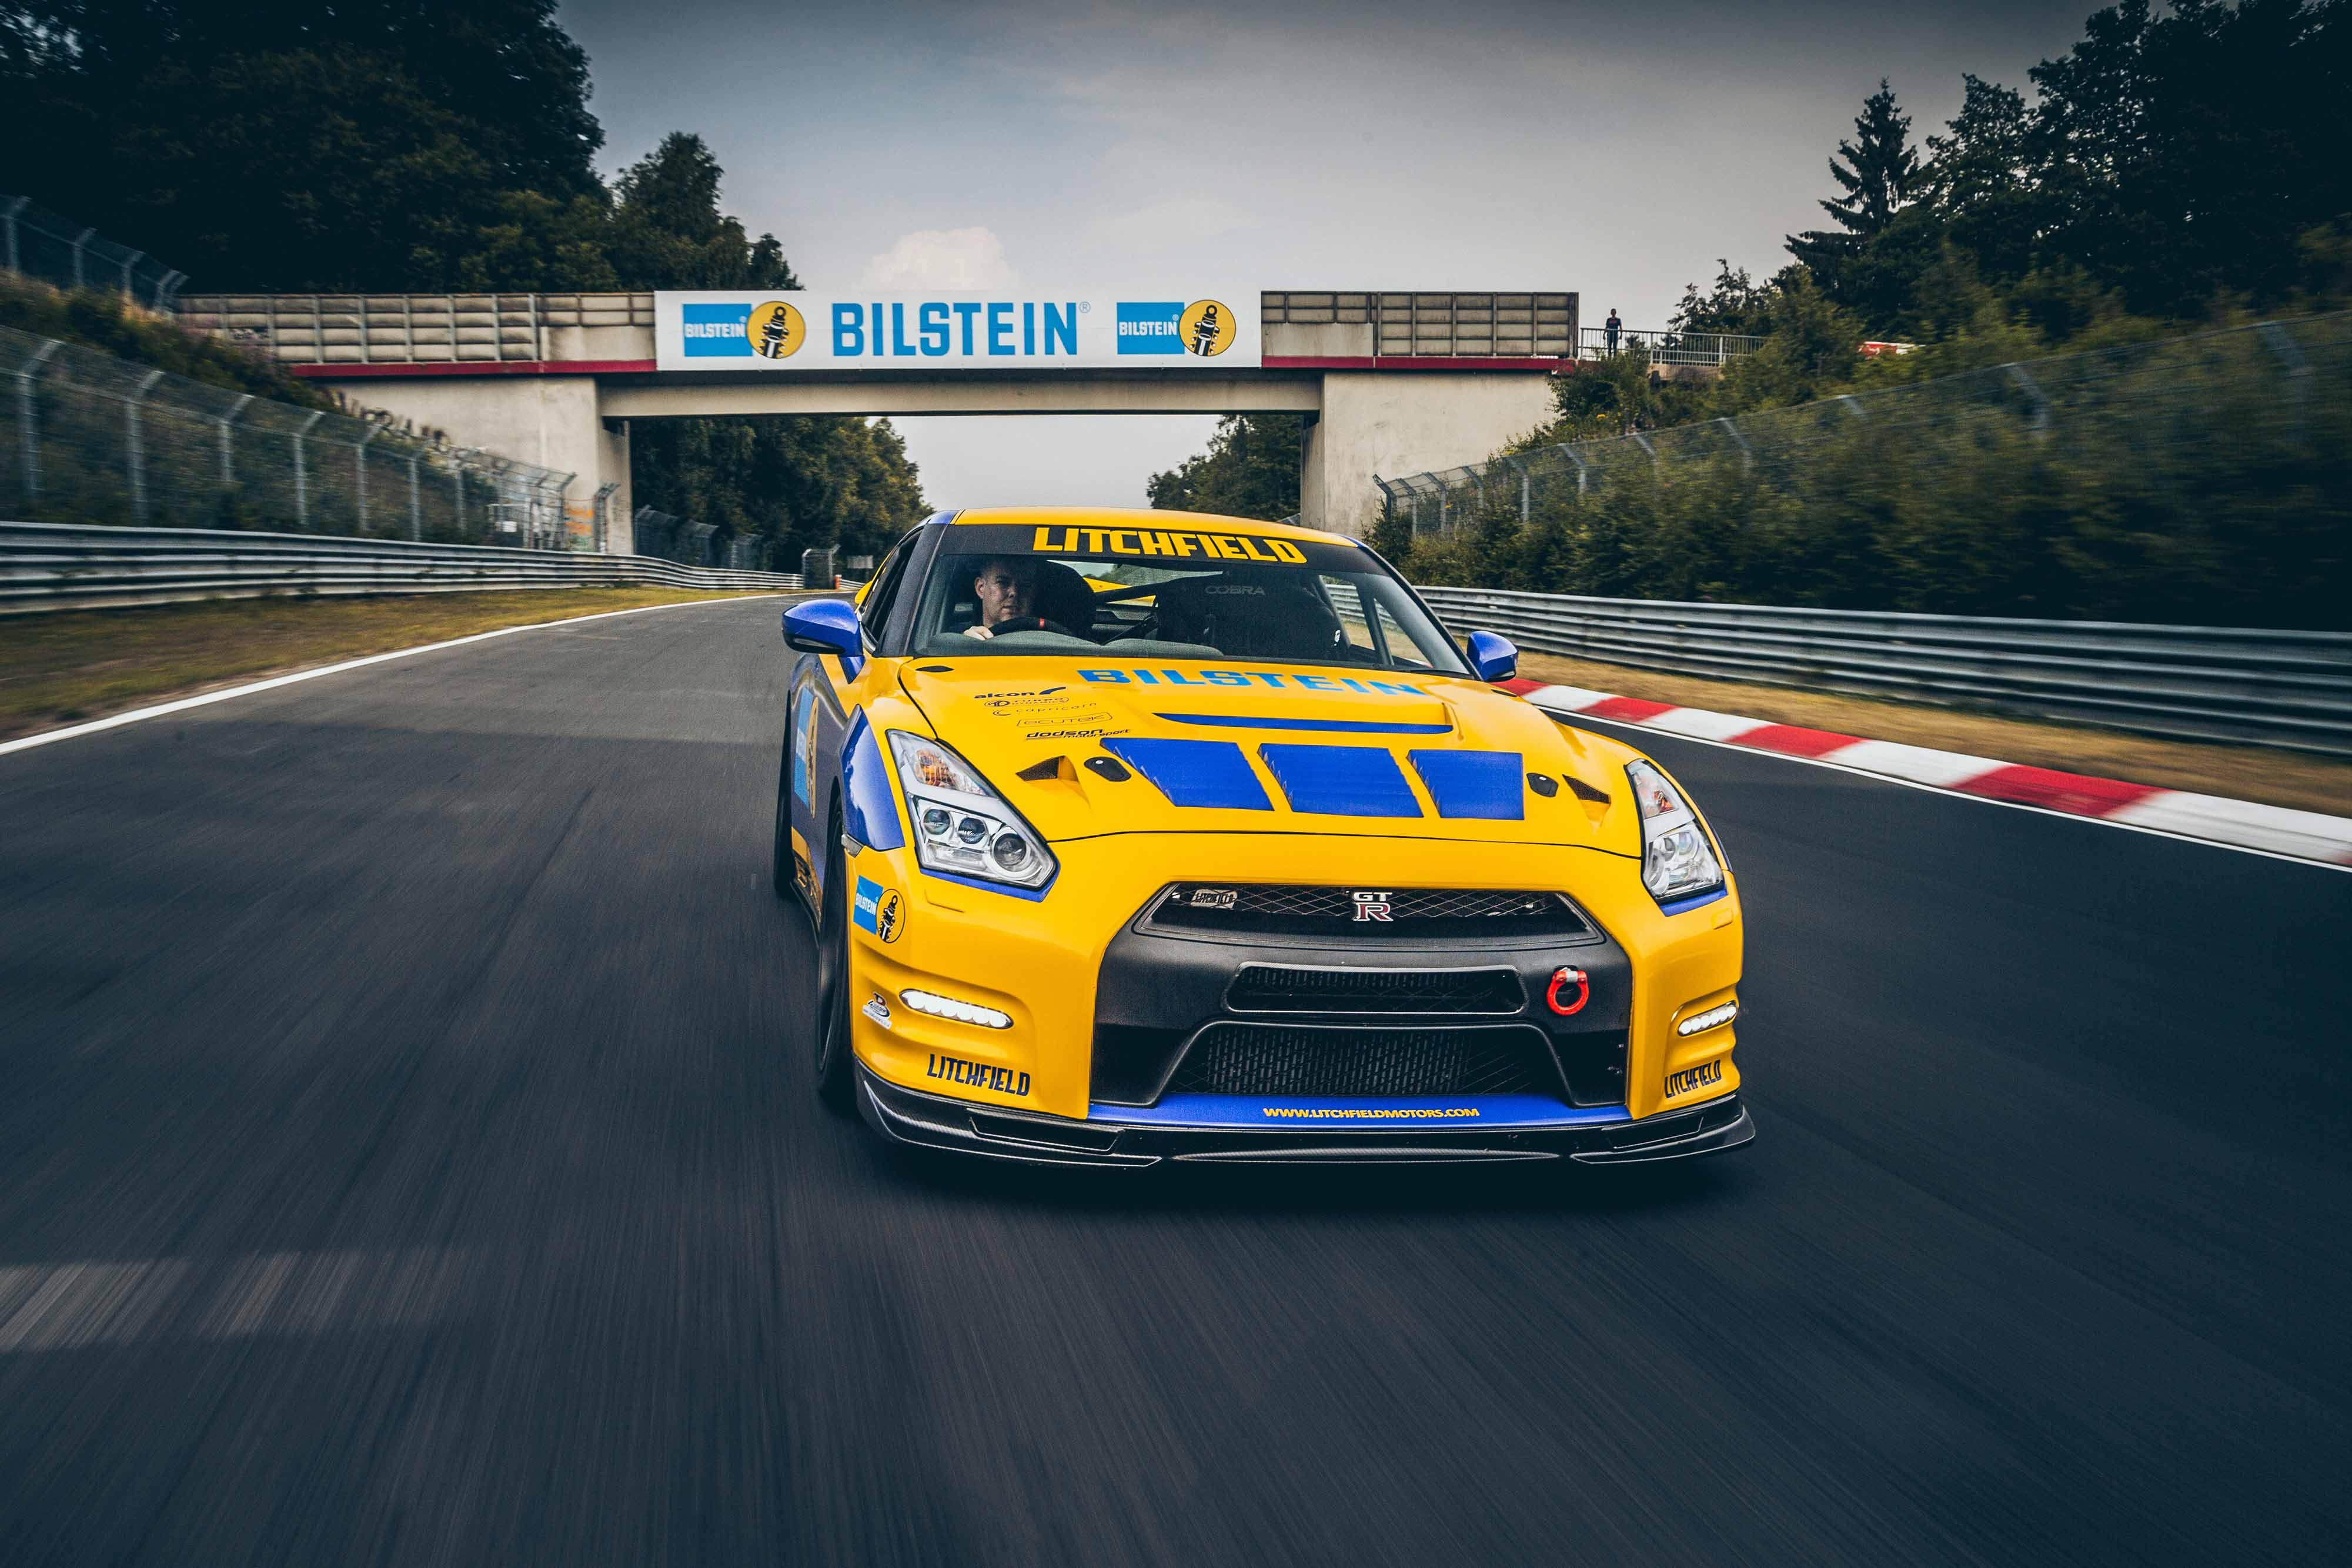 Bilstein development car